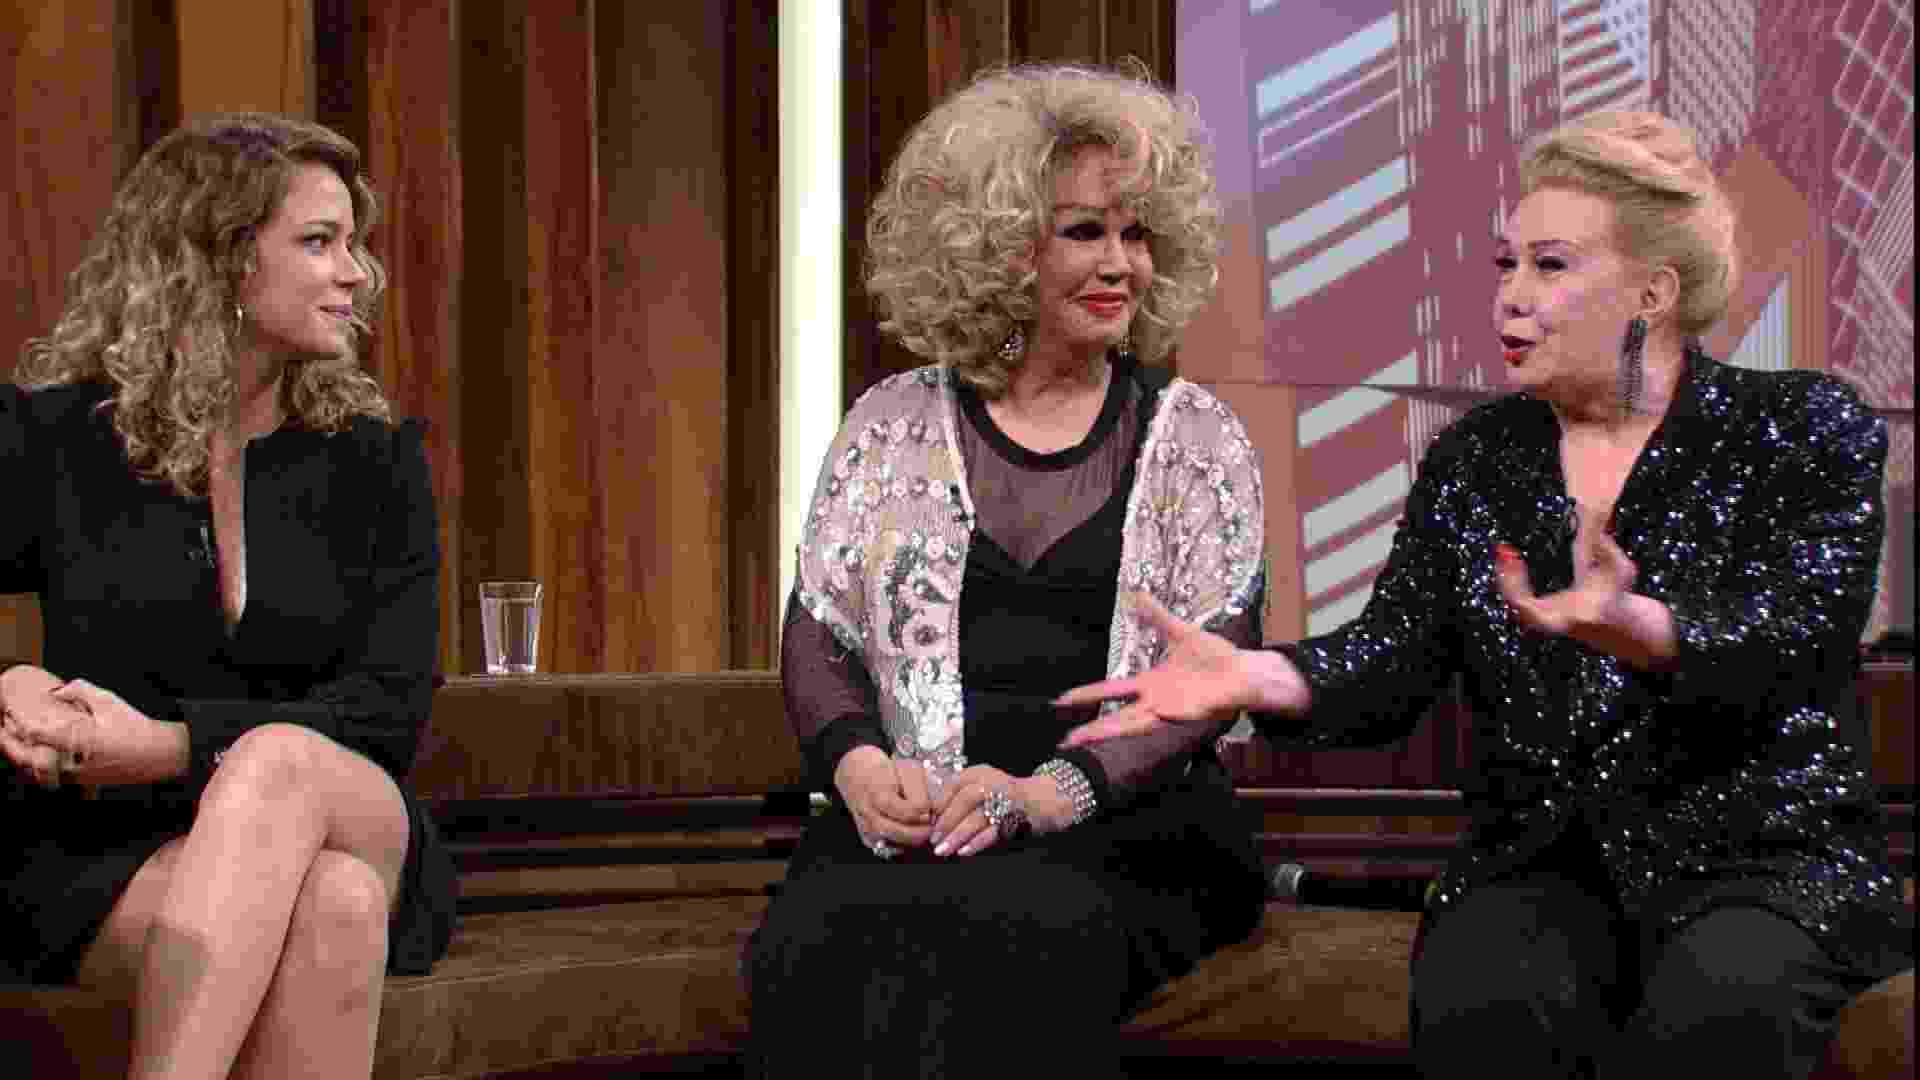 """No """"Conversa com o Bial"""", de 2017, Rogéria falou ao lado de Jane di Castro e da diretora de """"Divinas Divas"""", Leandra Leal, sobre o trabalho como atriz e ser trans nos anos 70 - Divulgação/Rede Globo"""